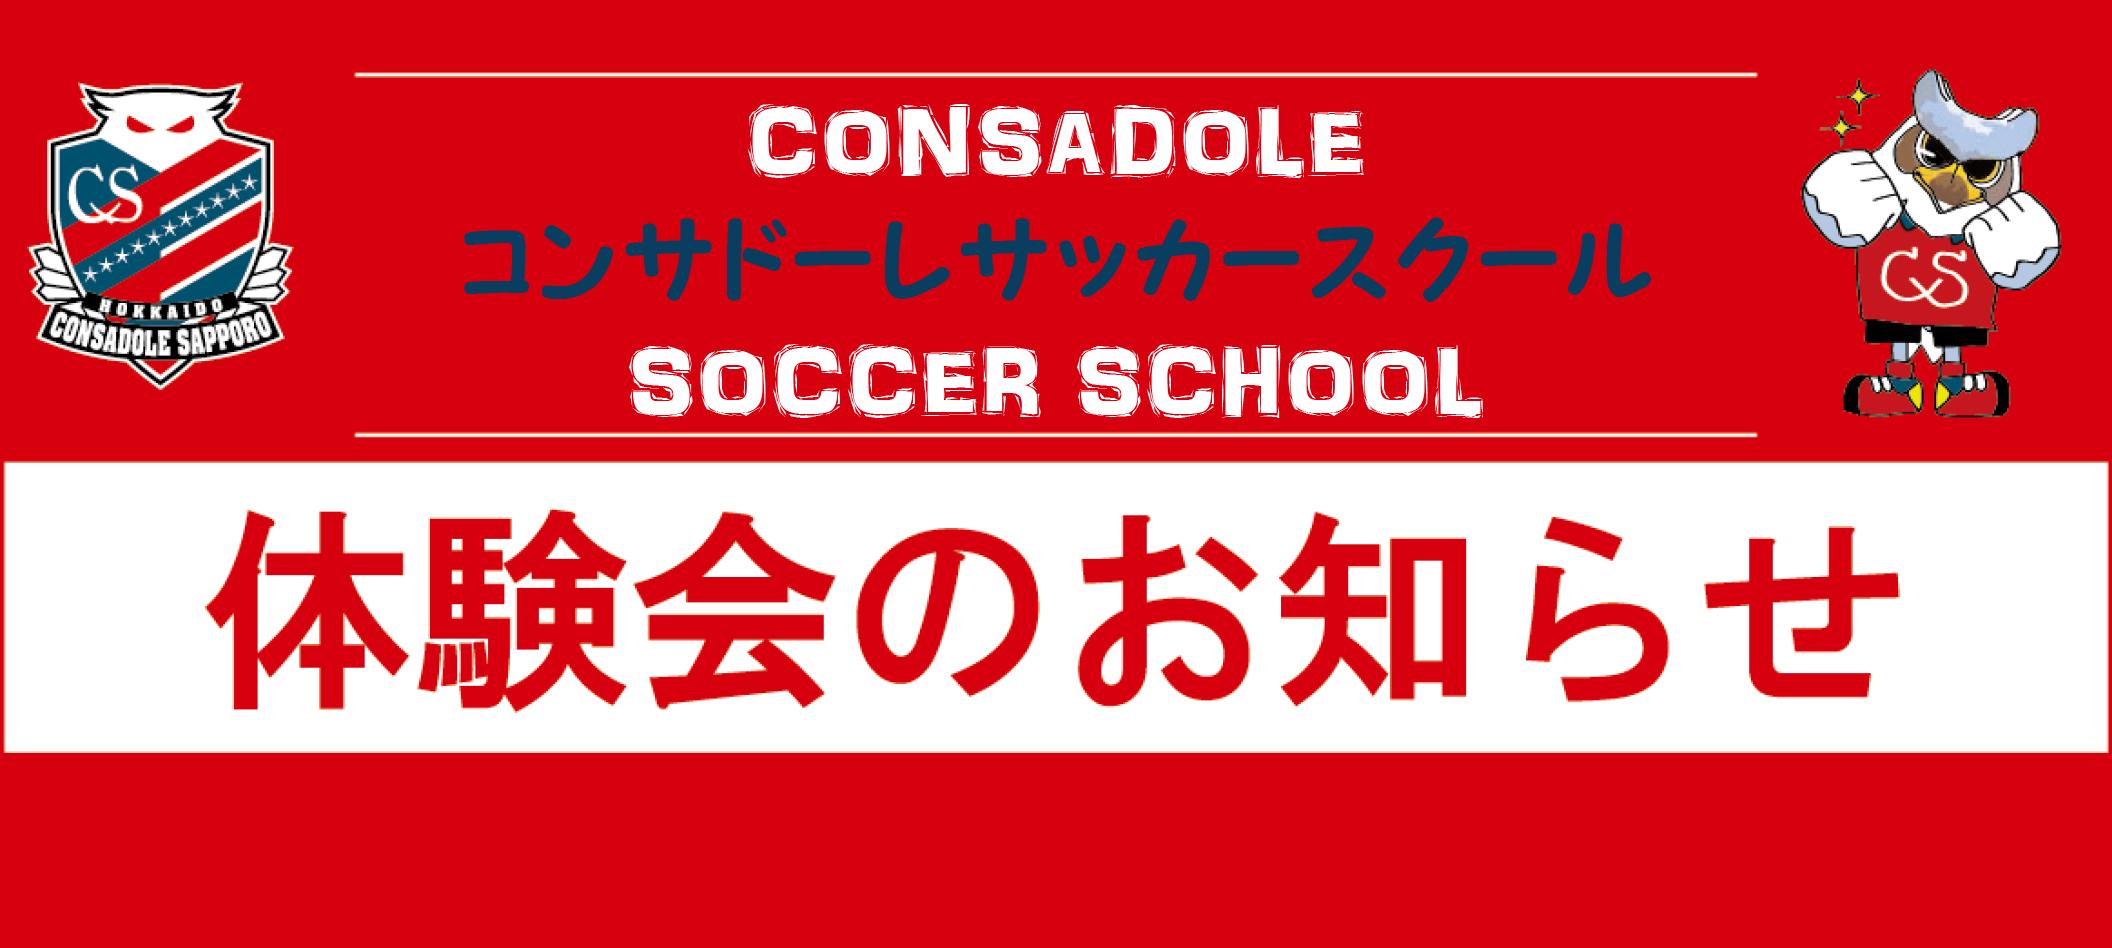 コンサドーレサッカースクール体験会のお知らせ